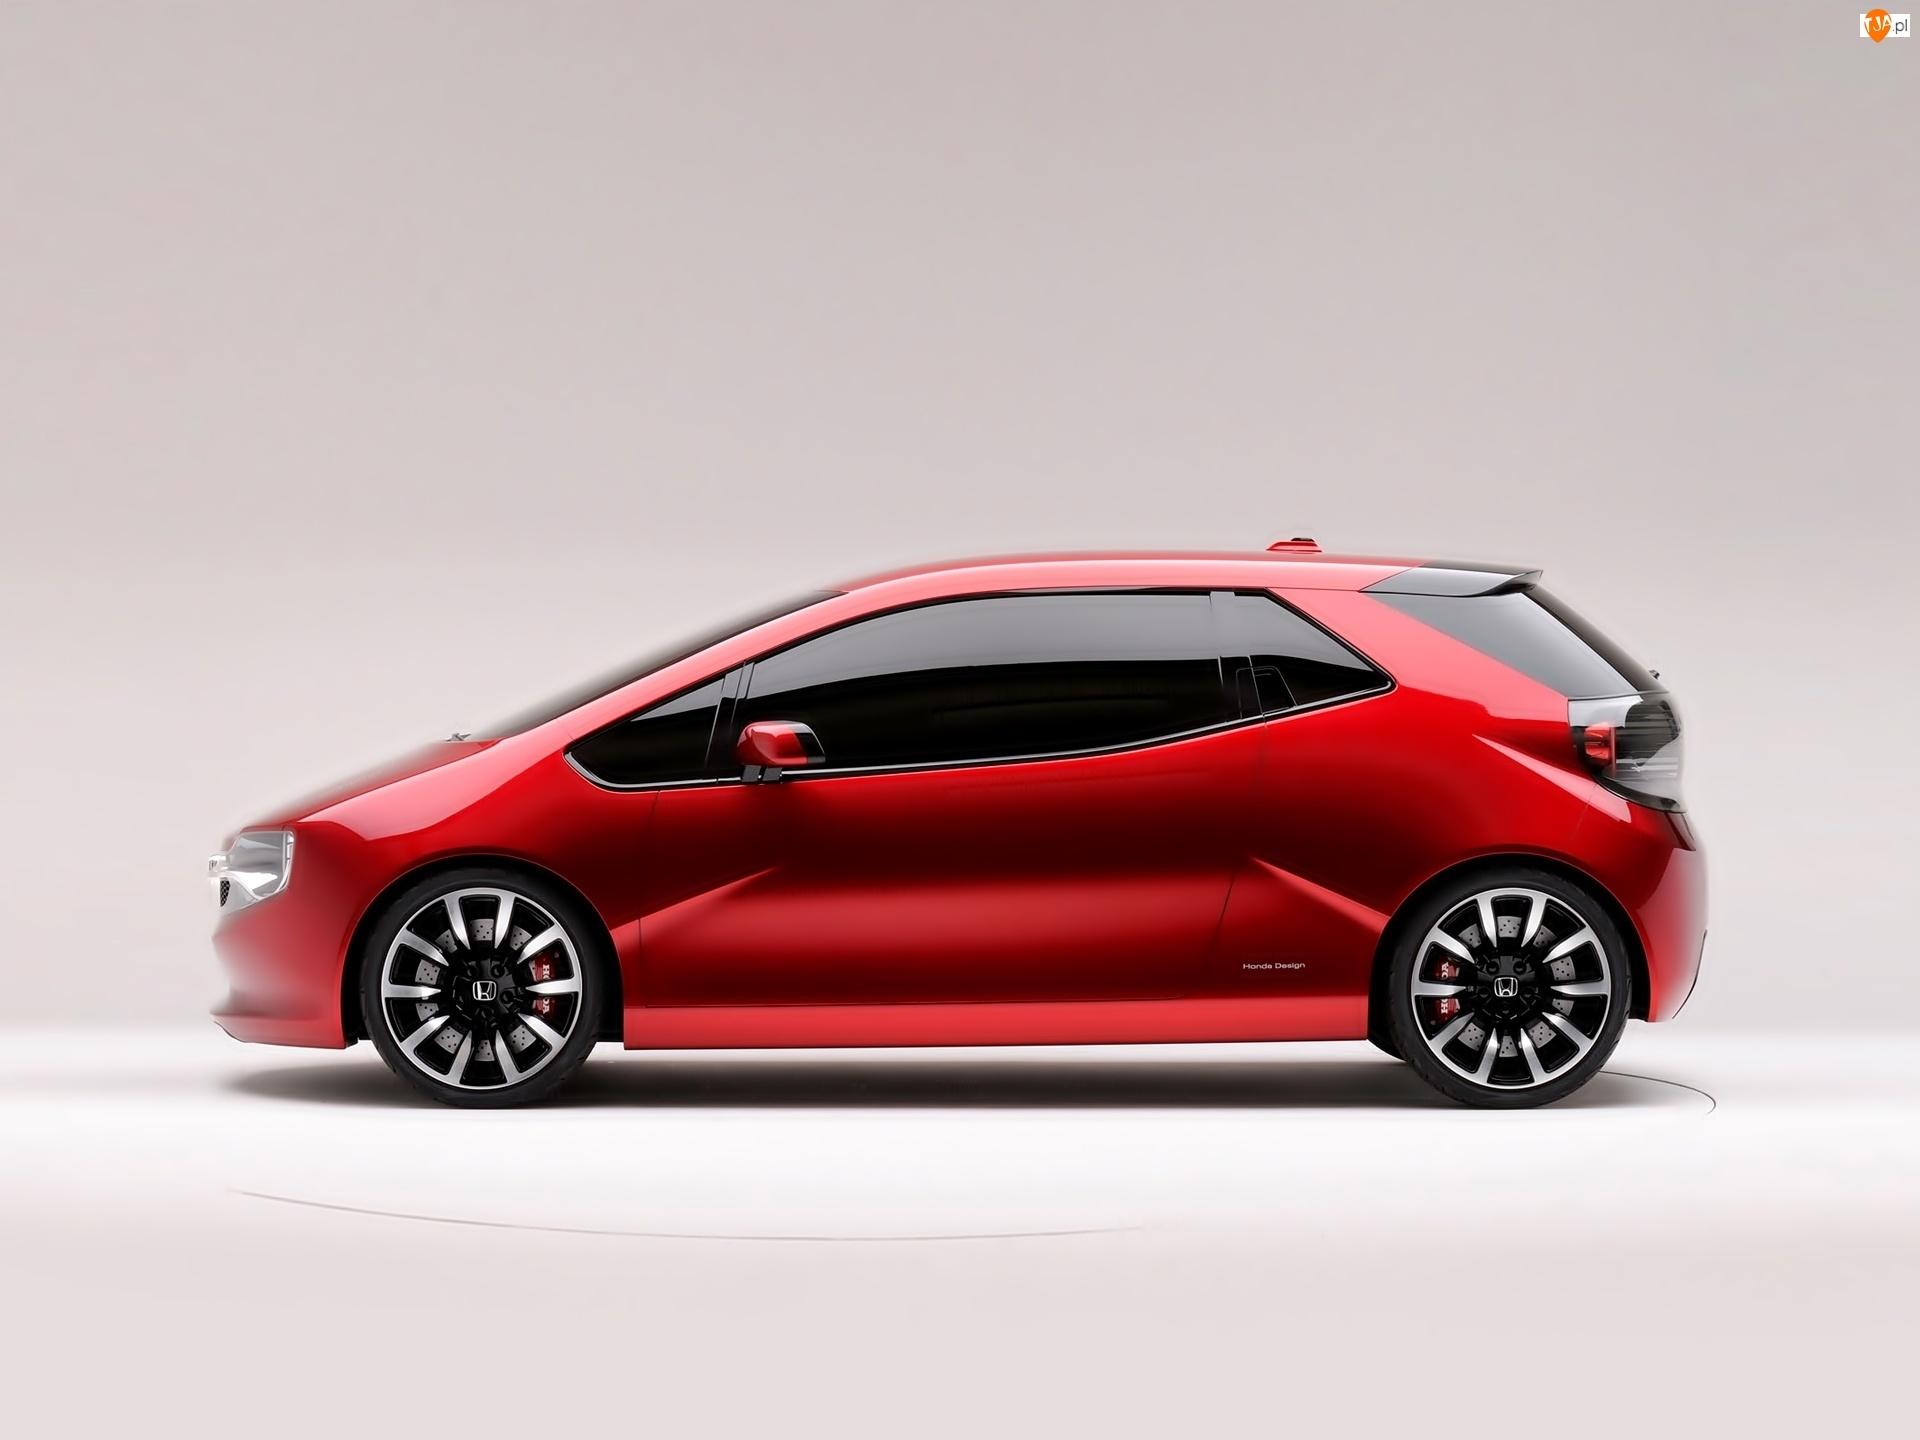 Honda, V2, Gear, Concept